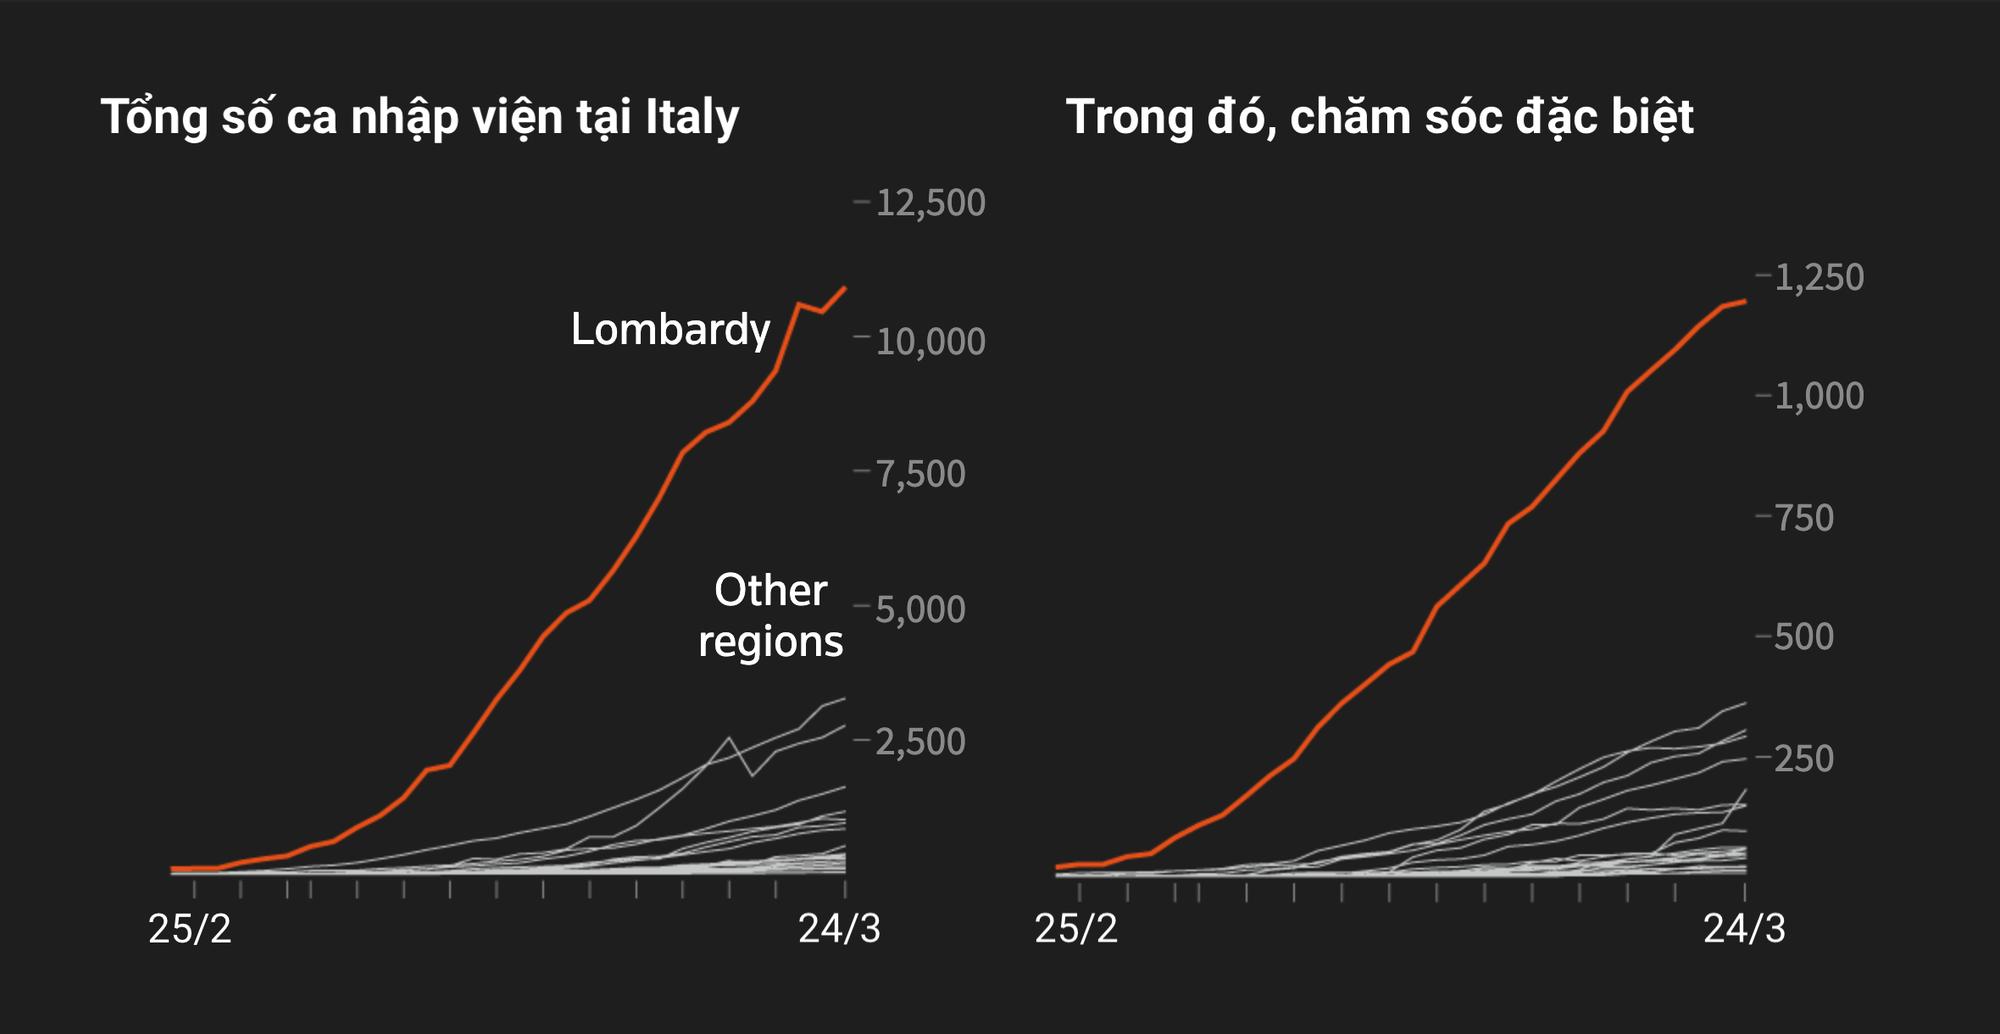 Toàn cảnh đại dịch Covid-19 tại nước Ý: Nghĩa địa lộ thiên - Ảnh 9.